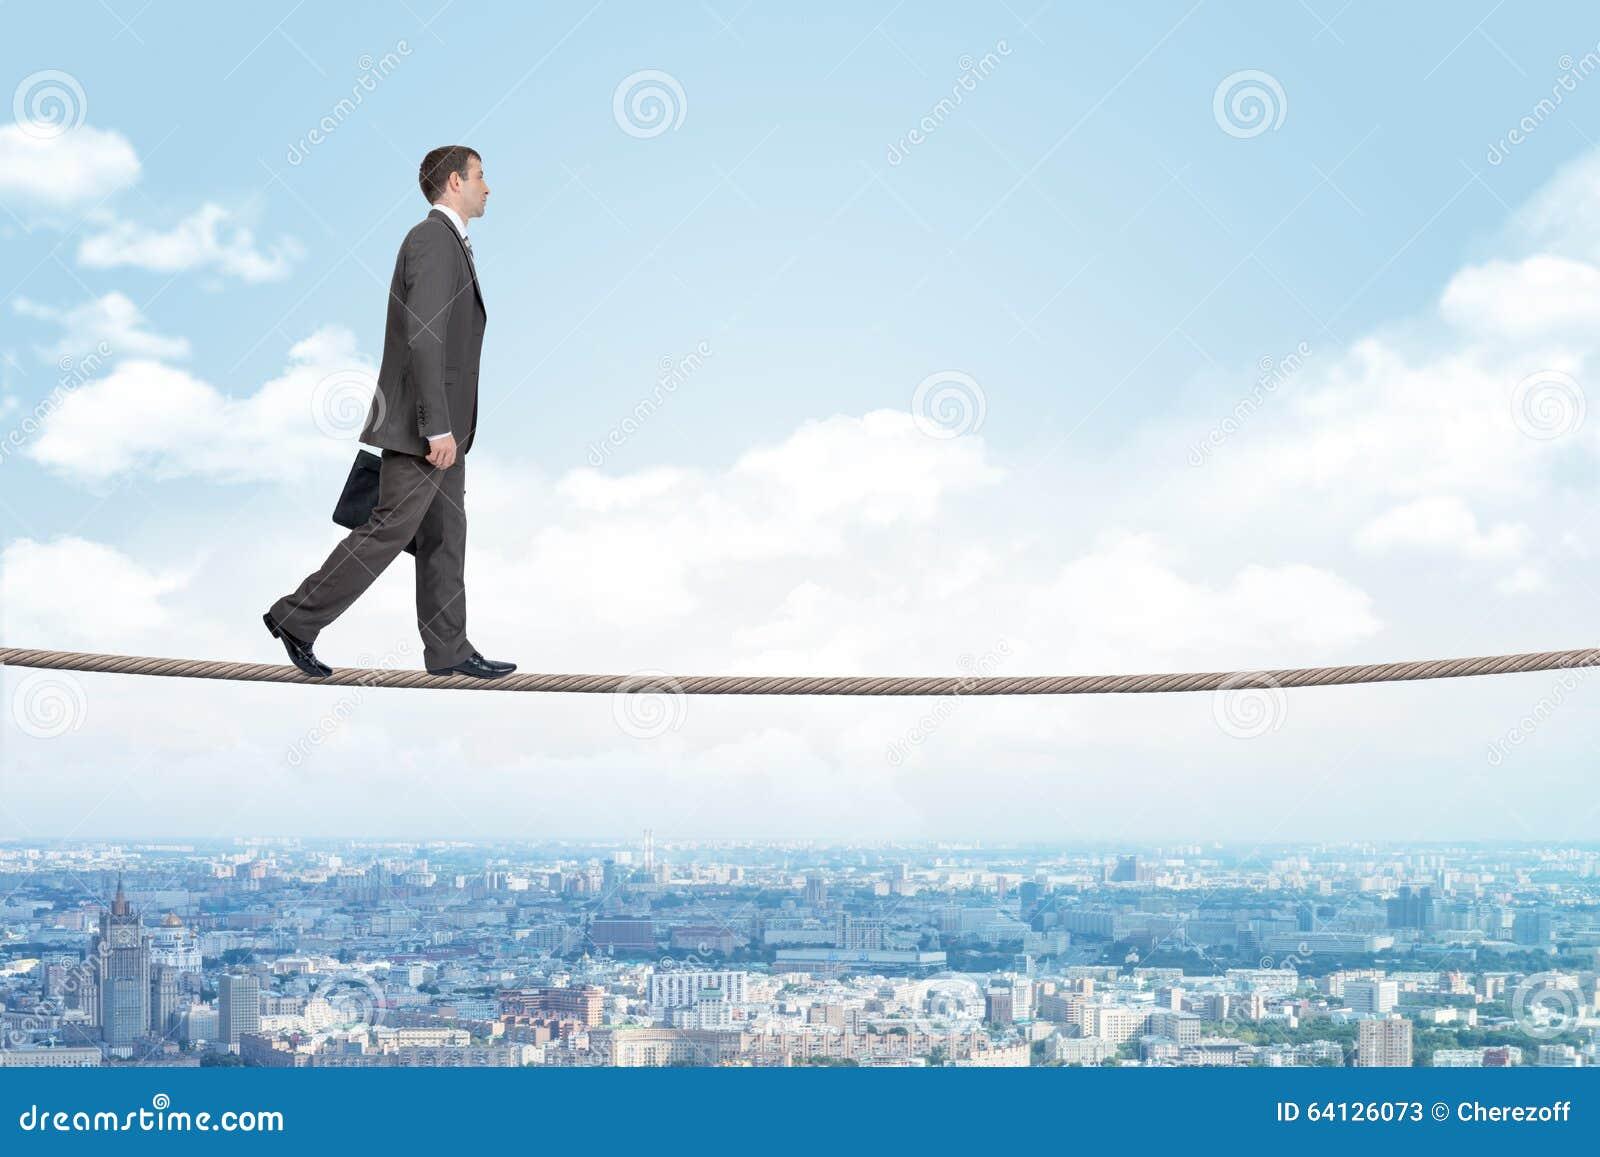 Businessman Walking On Rope Stock Photo Image 64126073